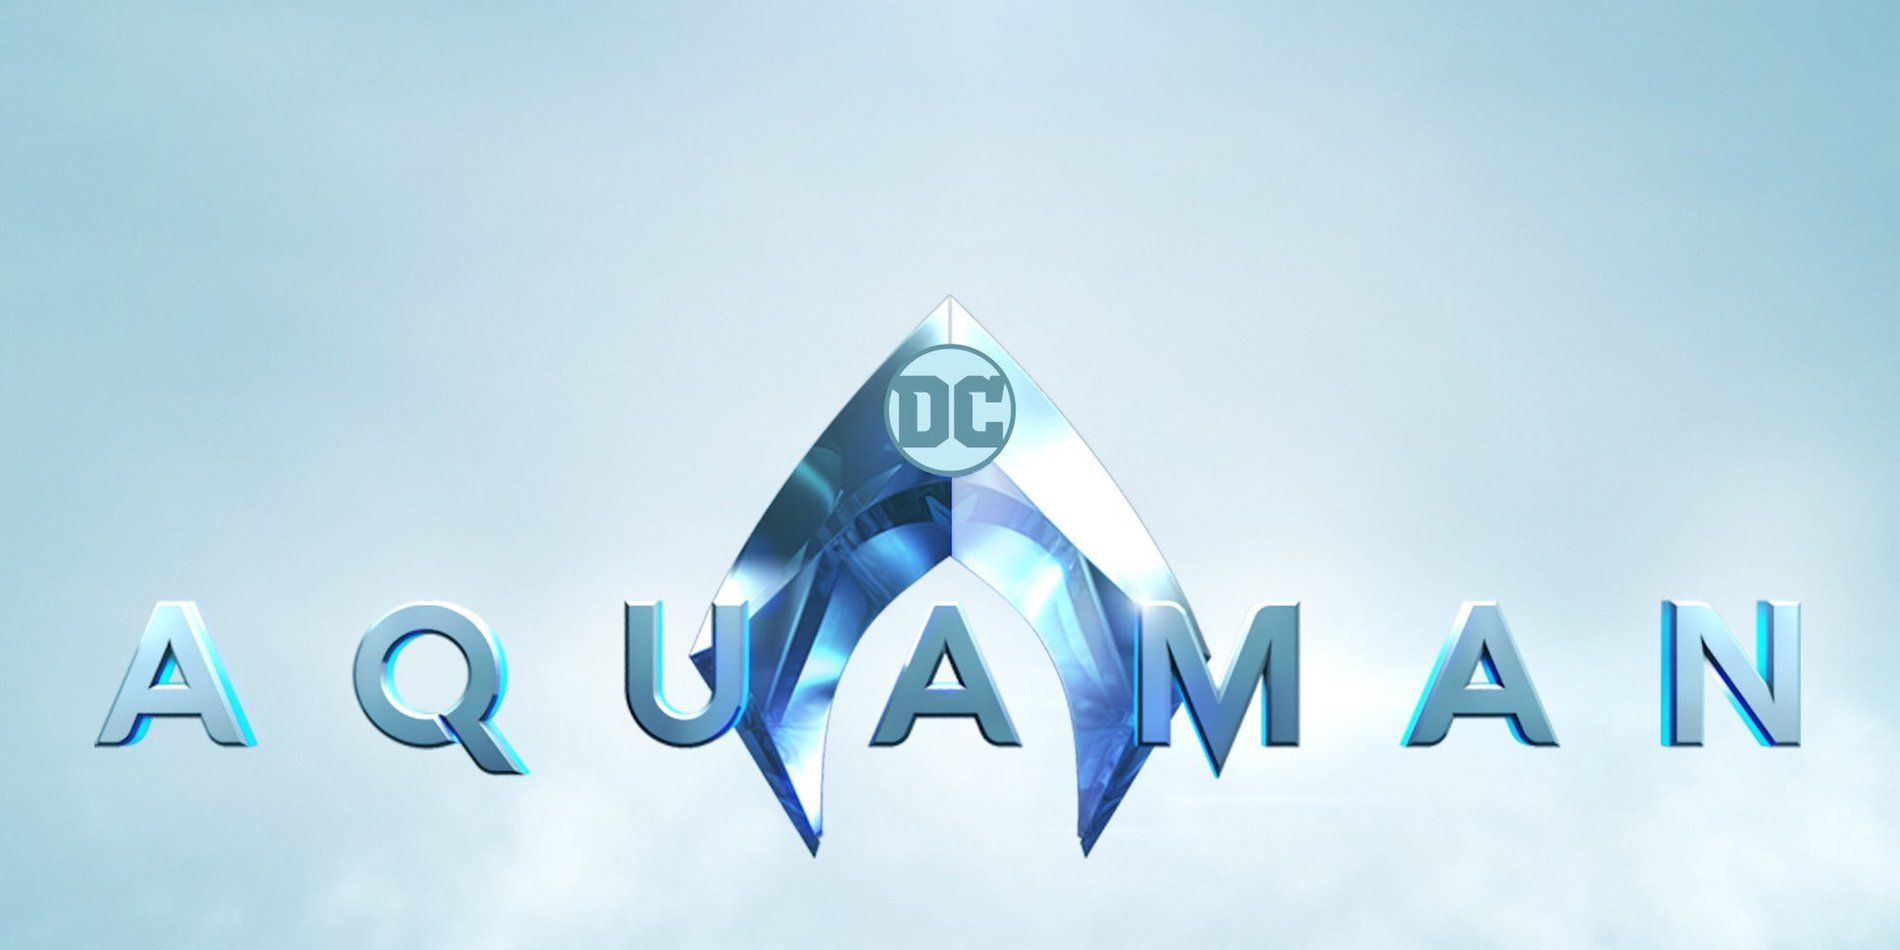 aquaman logo ile ilgili görsel sonucu